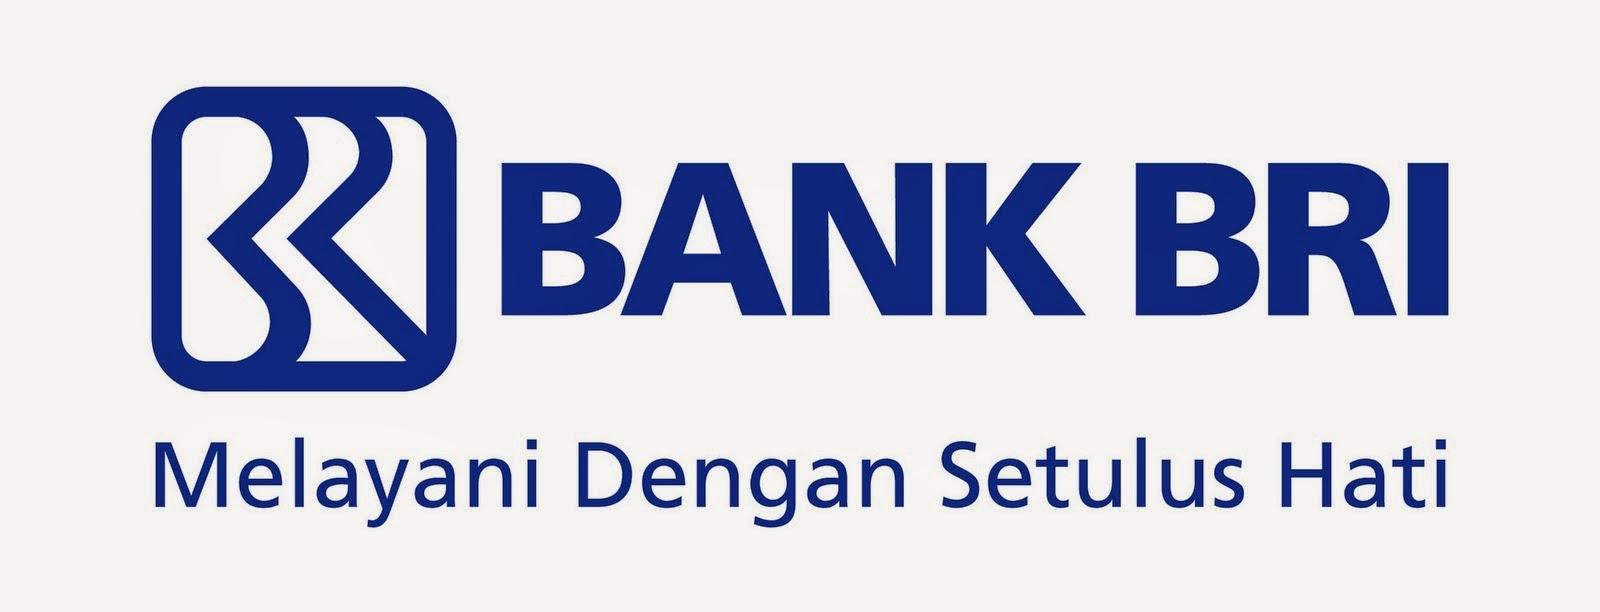 Daftar BPJS kesehaan di Bank BRI